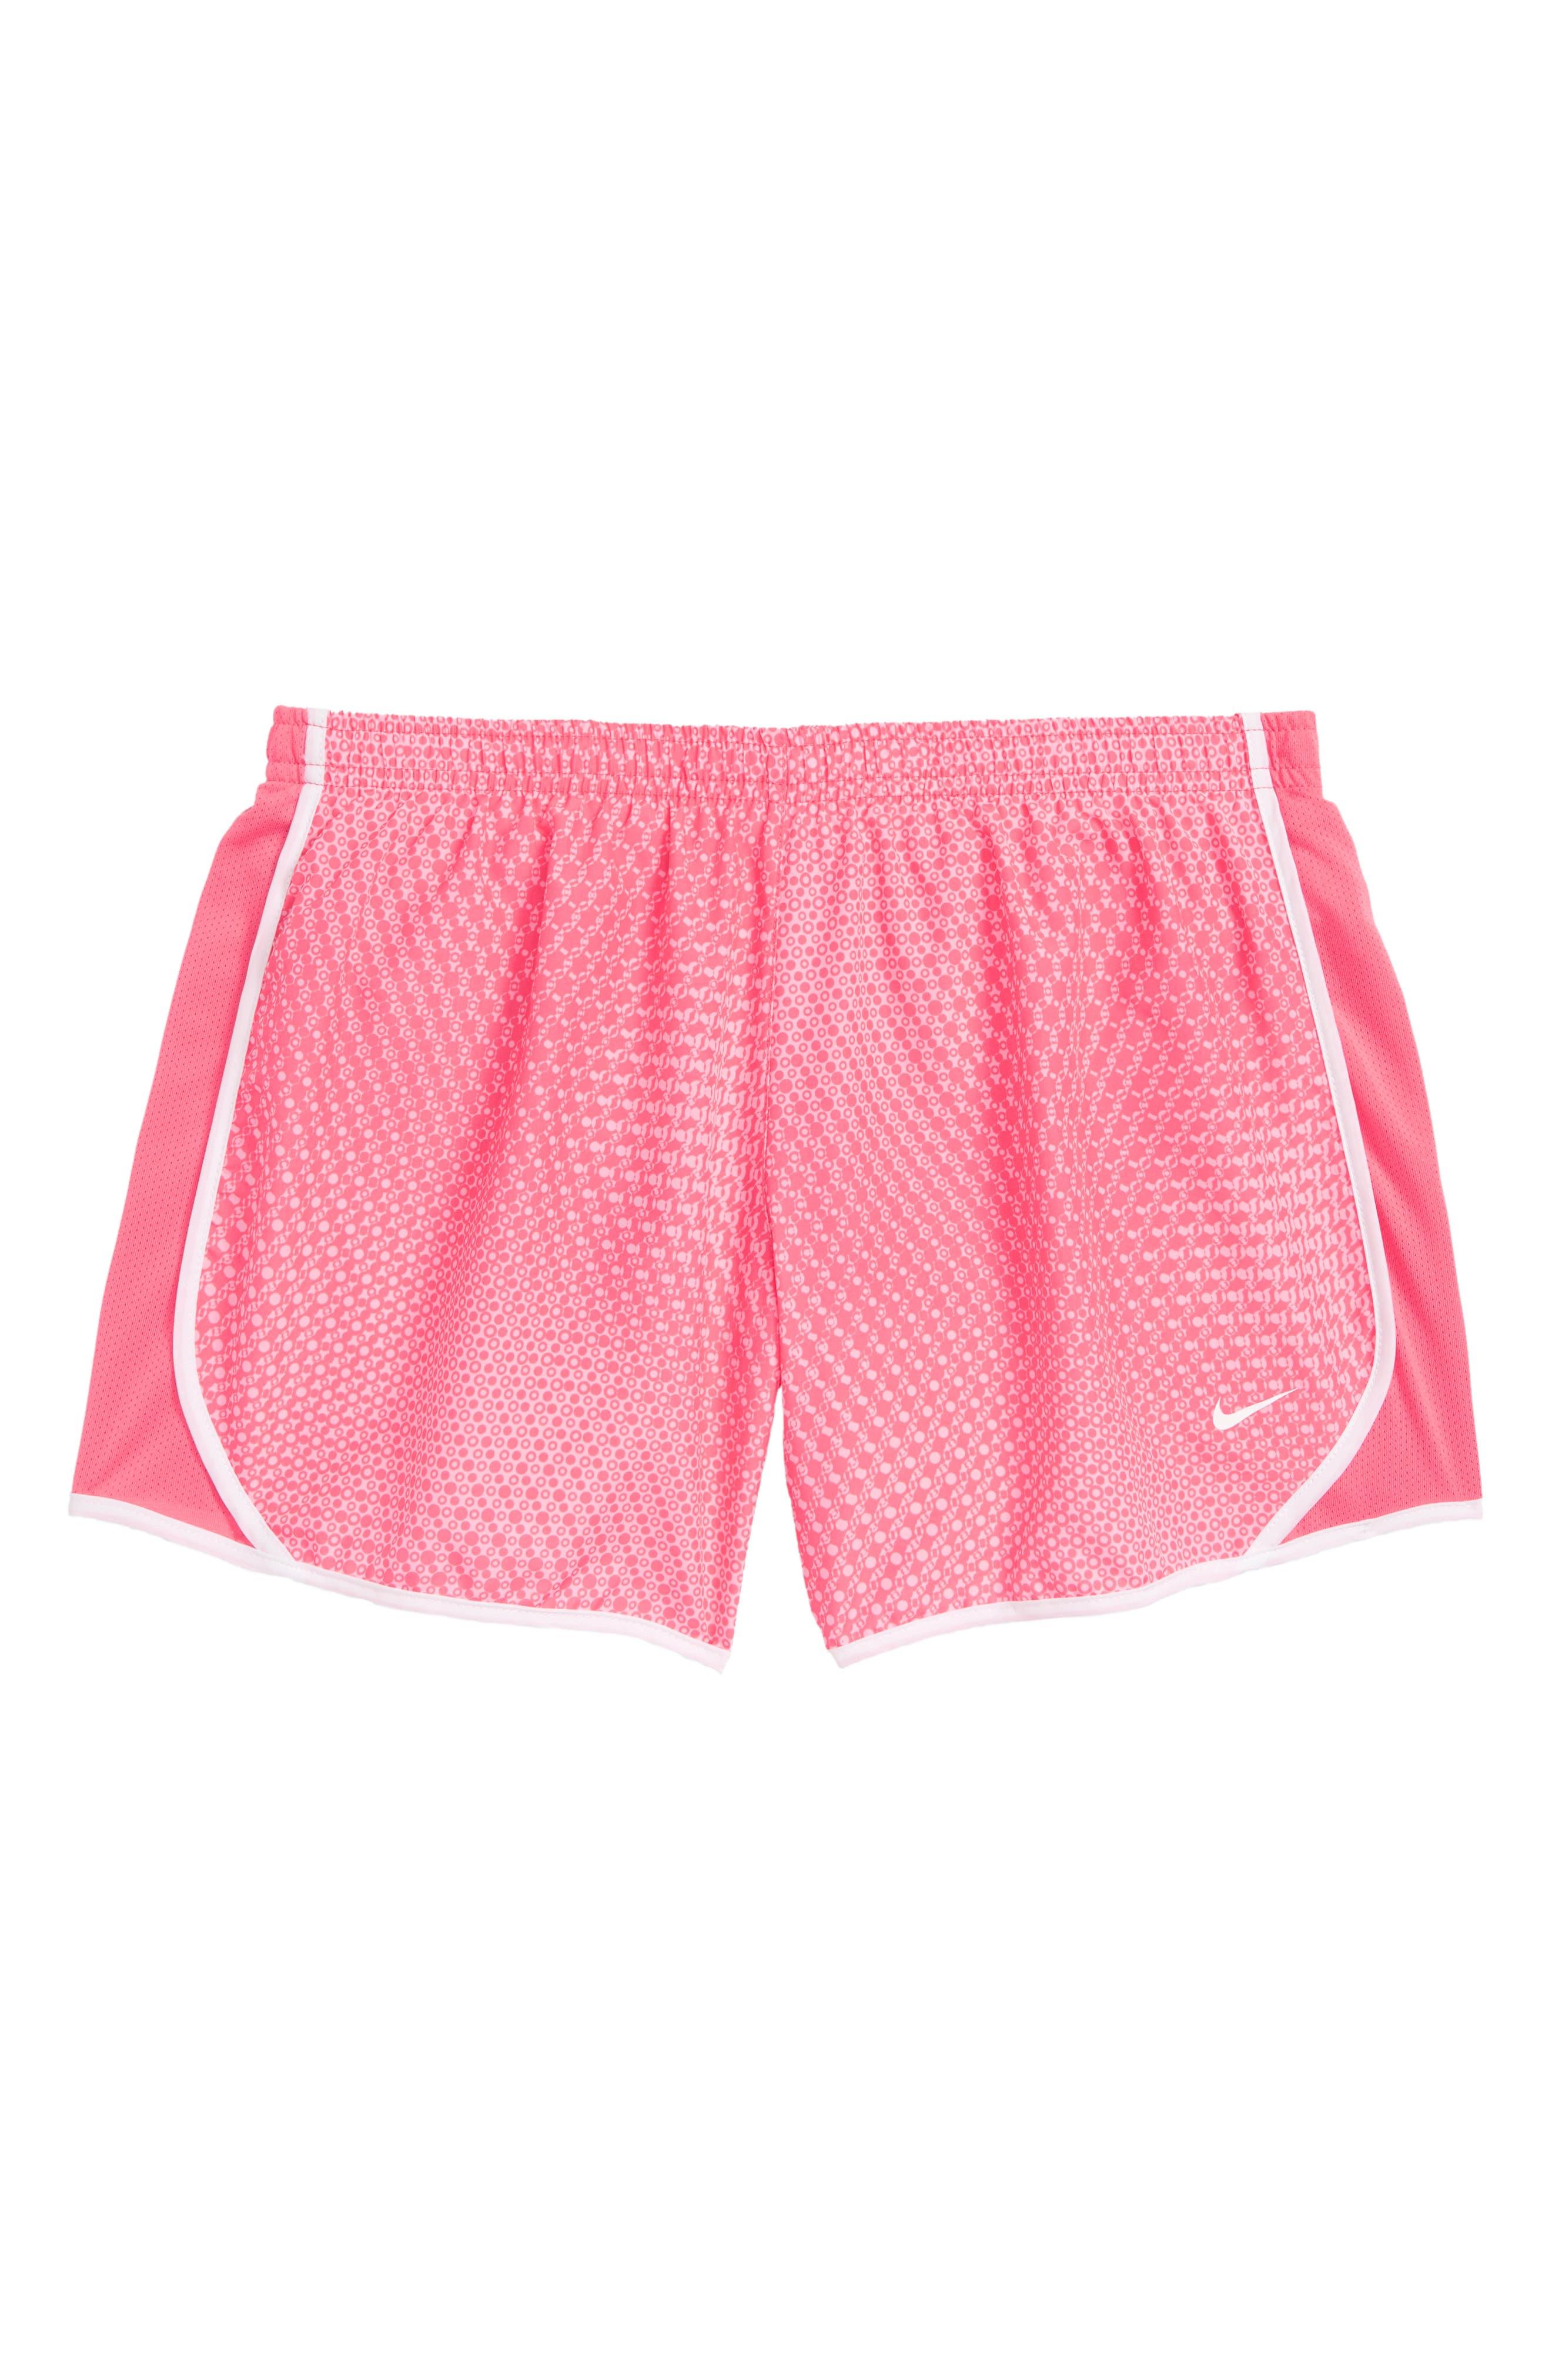 Dry Tempo Shorts,                             Main thumbnail 1, color,                             PINK NEBULA/ WHITE